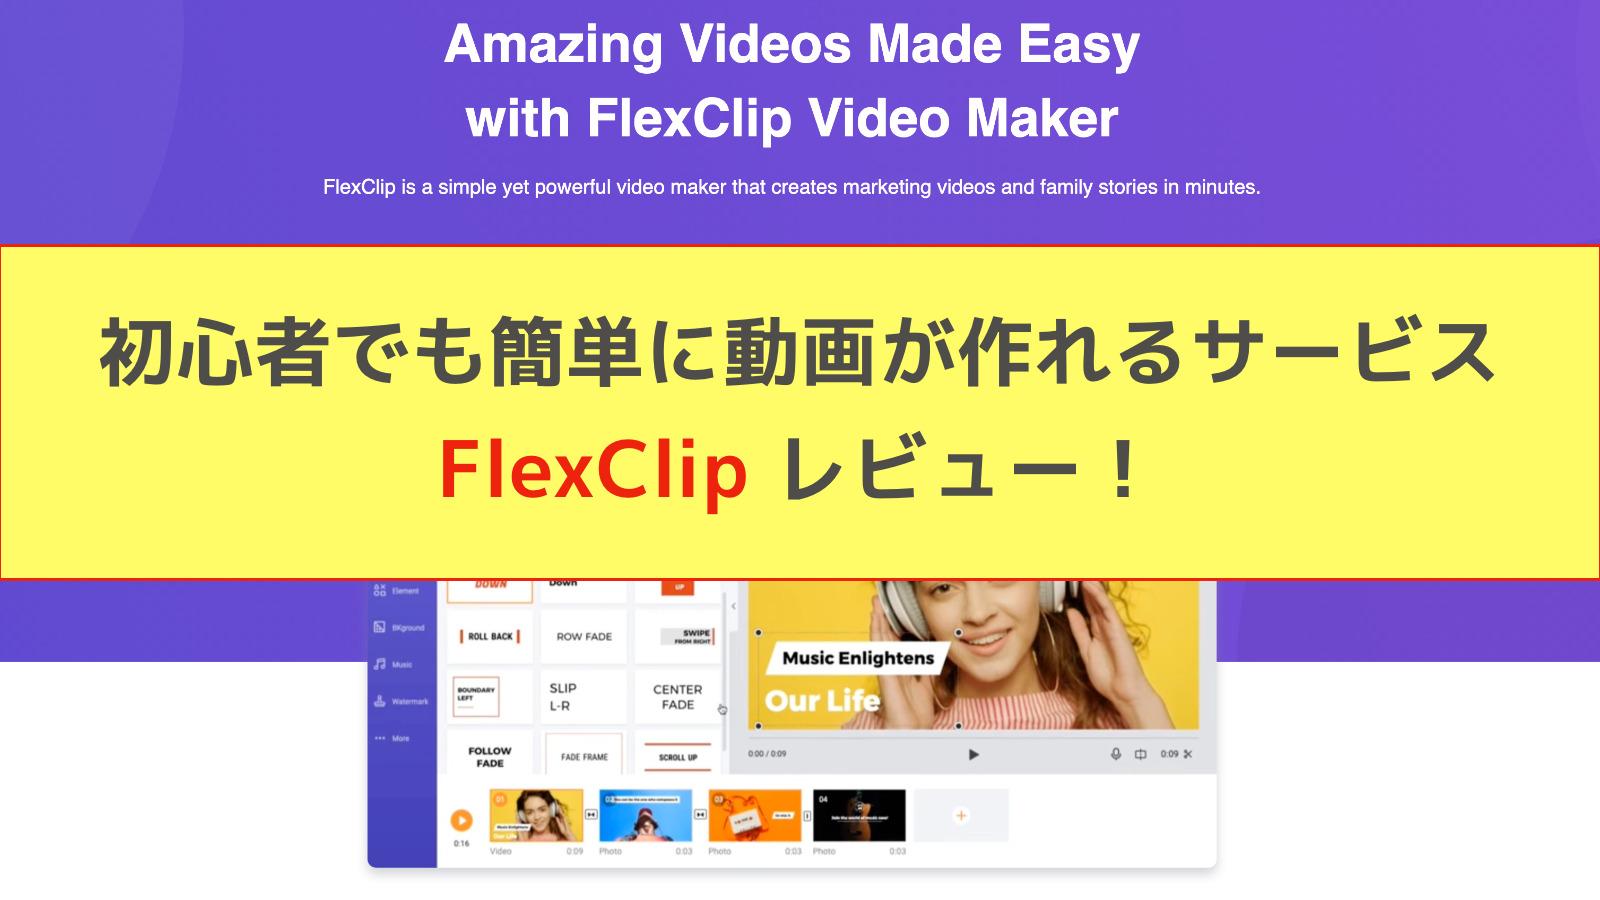 初心者でも簡単に動画が作れるサービス FlexClip レビュー!